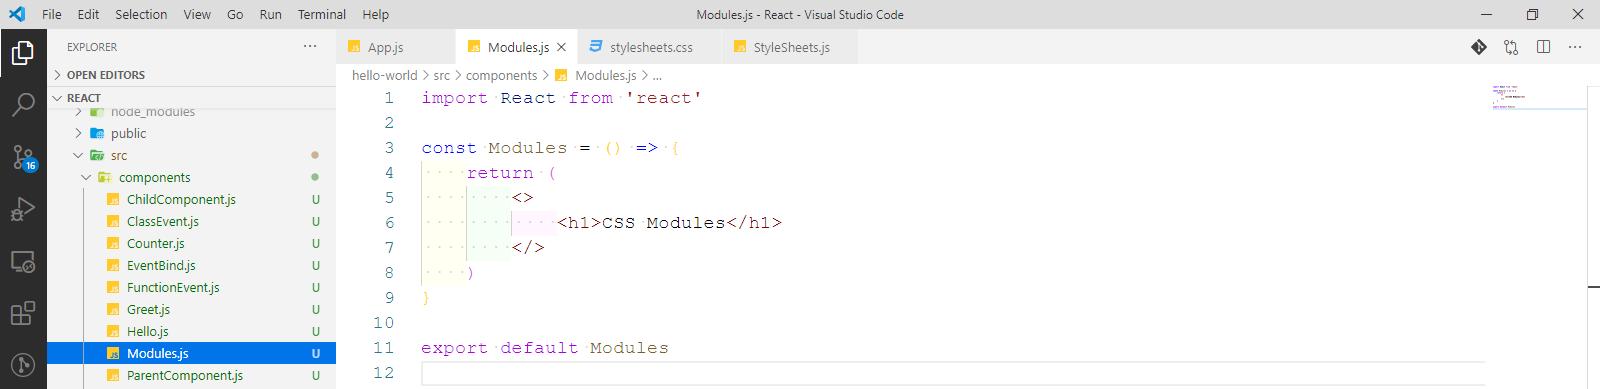 Modules.js